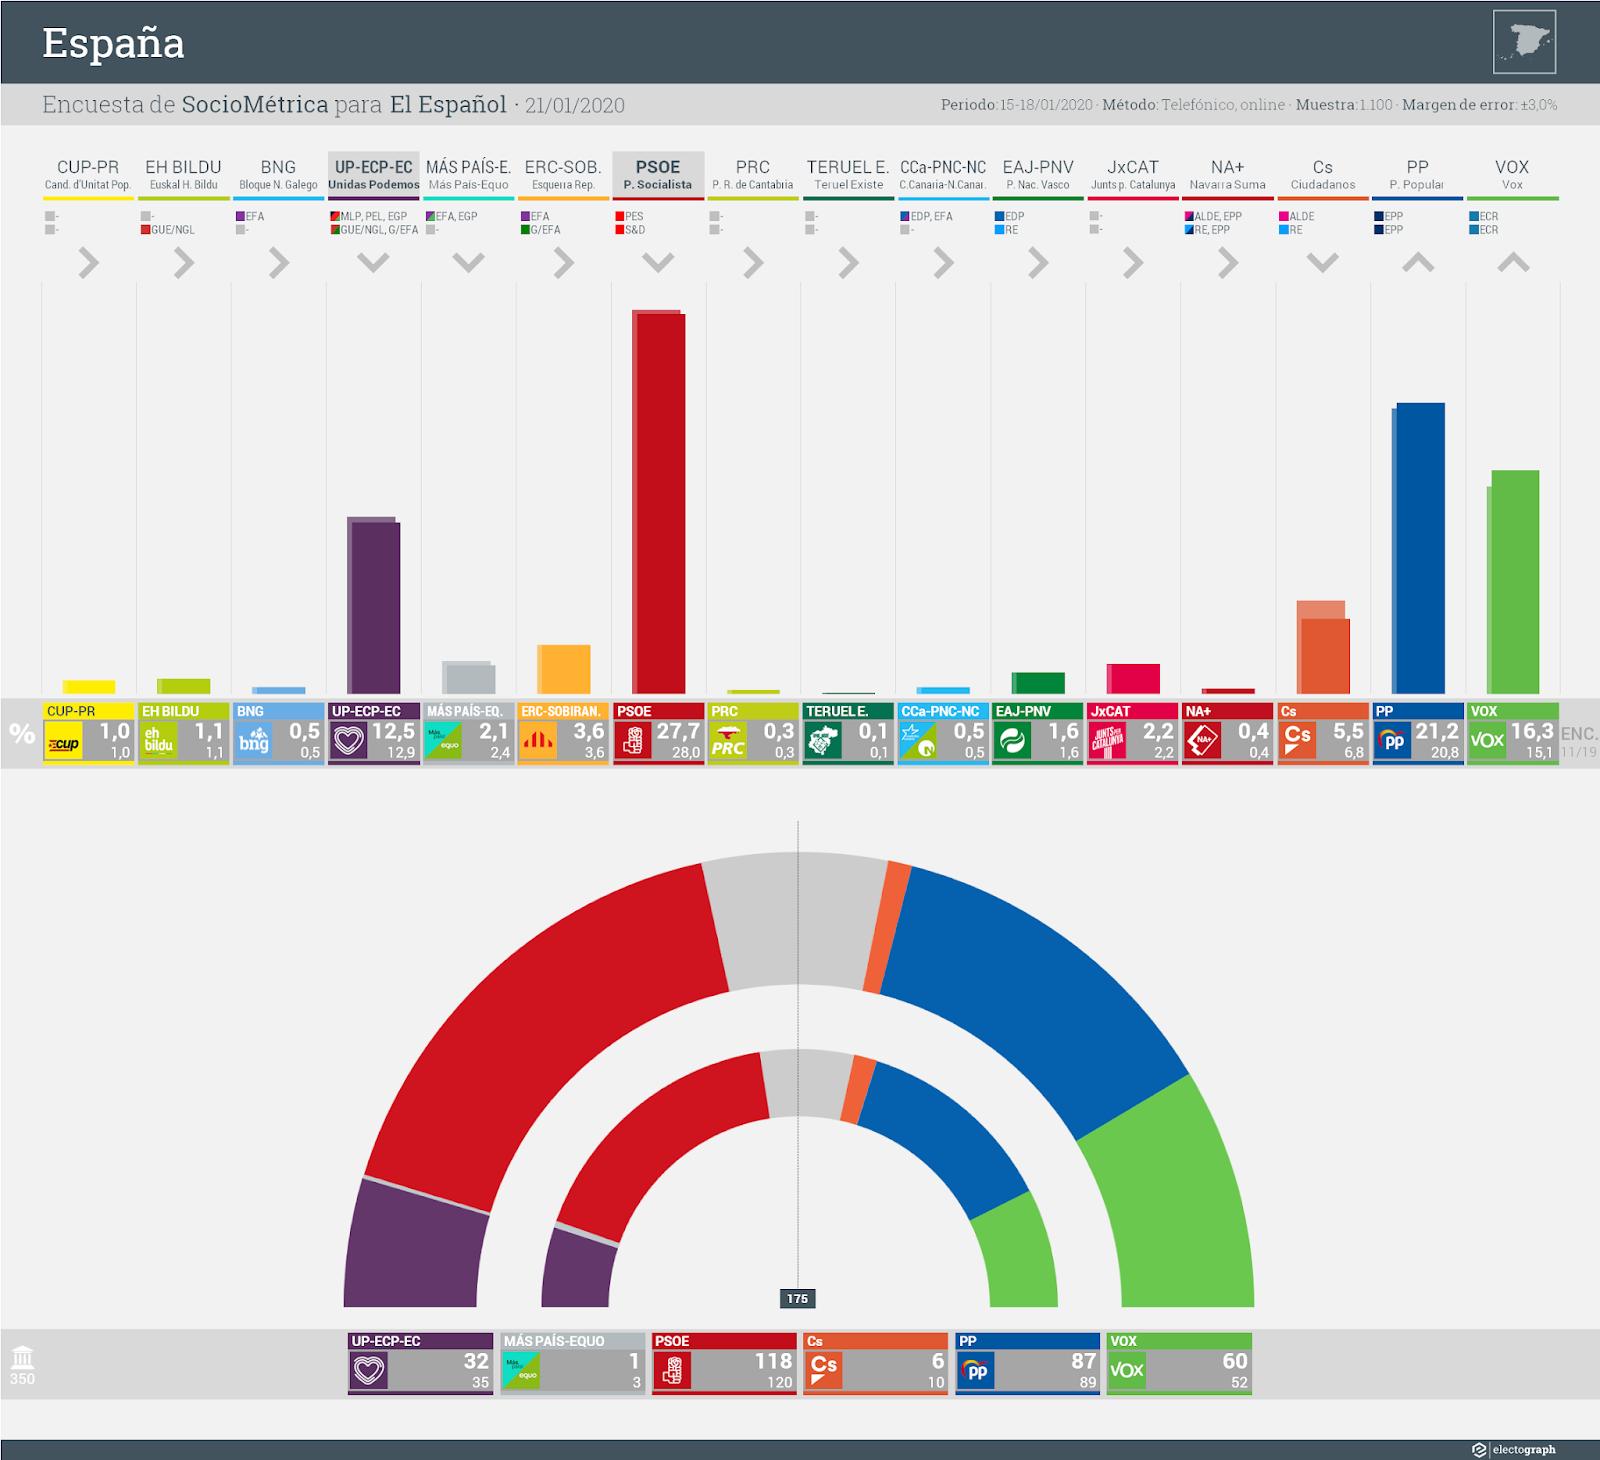 Gráfico de la encuesta para elecciones generales en España realizada por SocioMétrica para El Español, 21 de enero de 2020